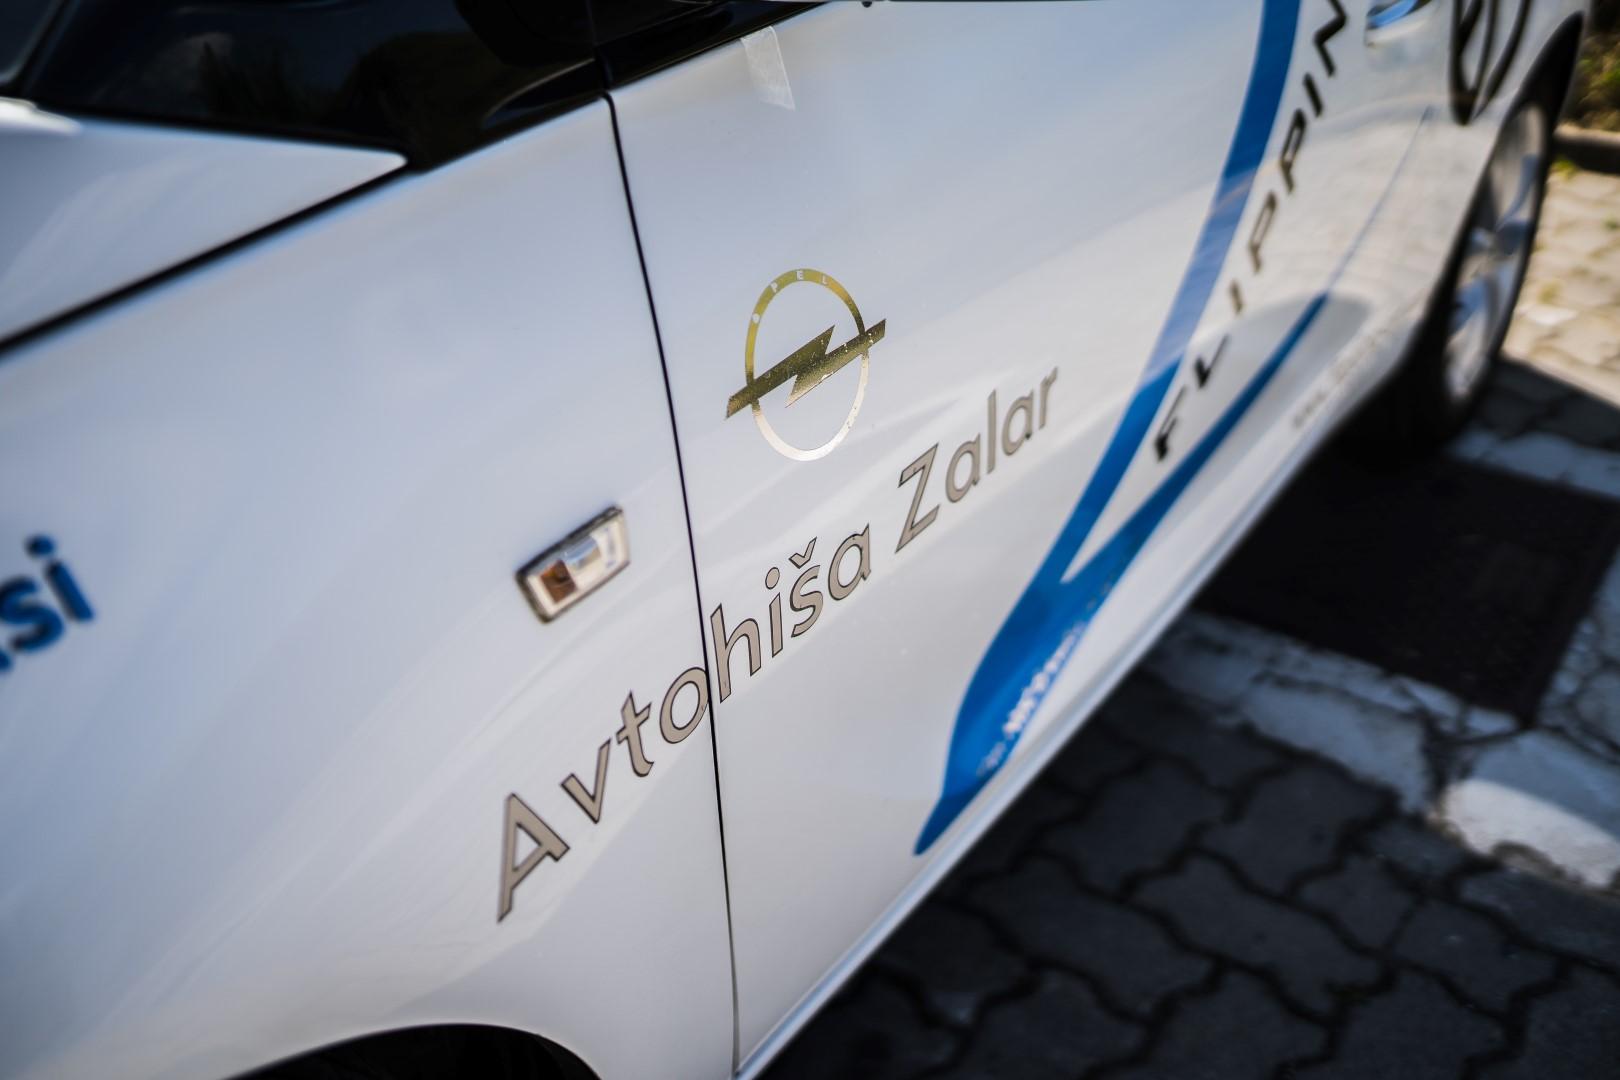 avtohisa-zalar-flipping-art-z-roko-v-roki-opel-adam-tim-nuc-luka-avgustin-simona-zalar-ciril-sponzorsko-vozilo (2)